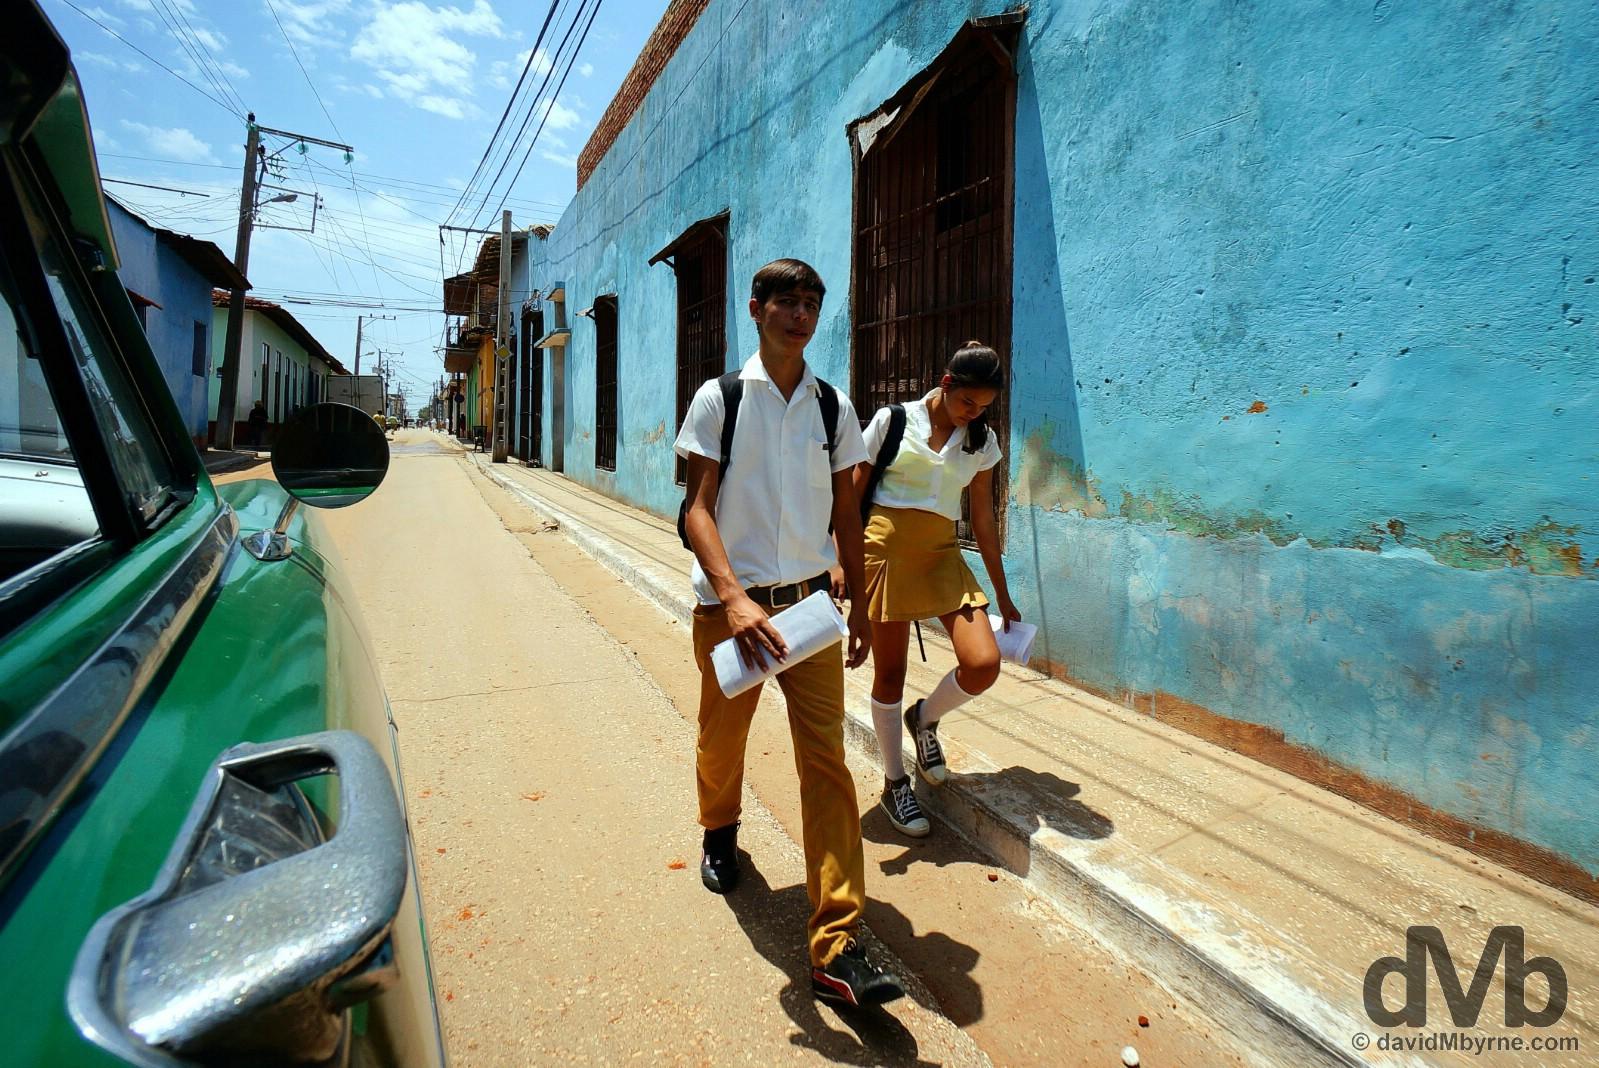 Trinidad, Cuba. May 6, 2015.